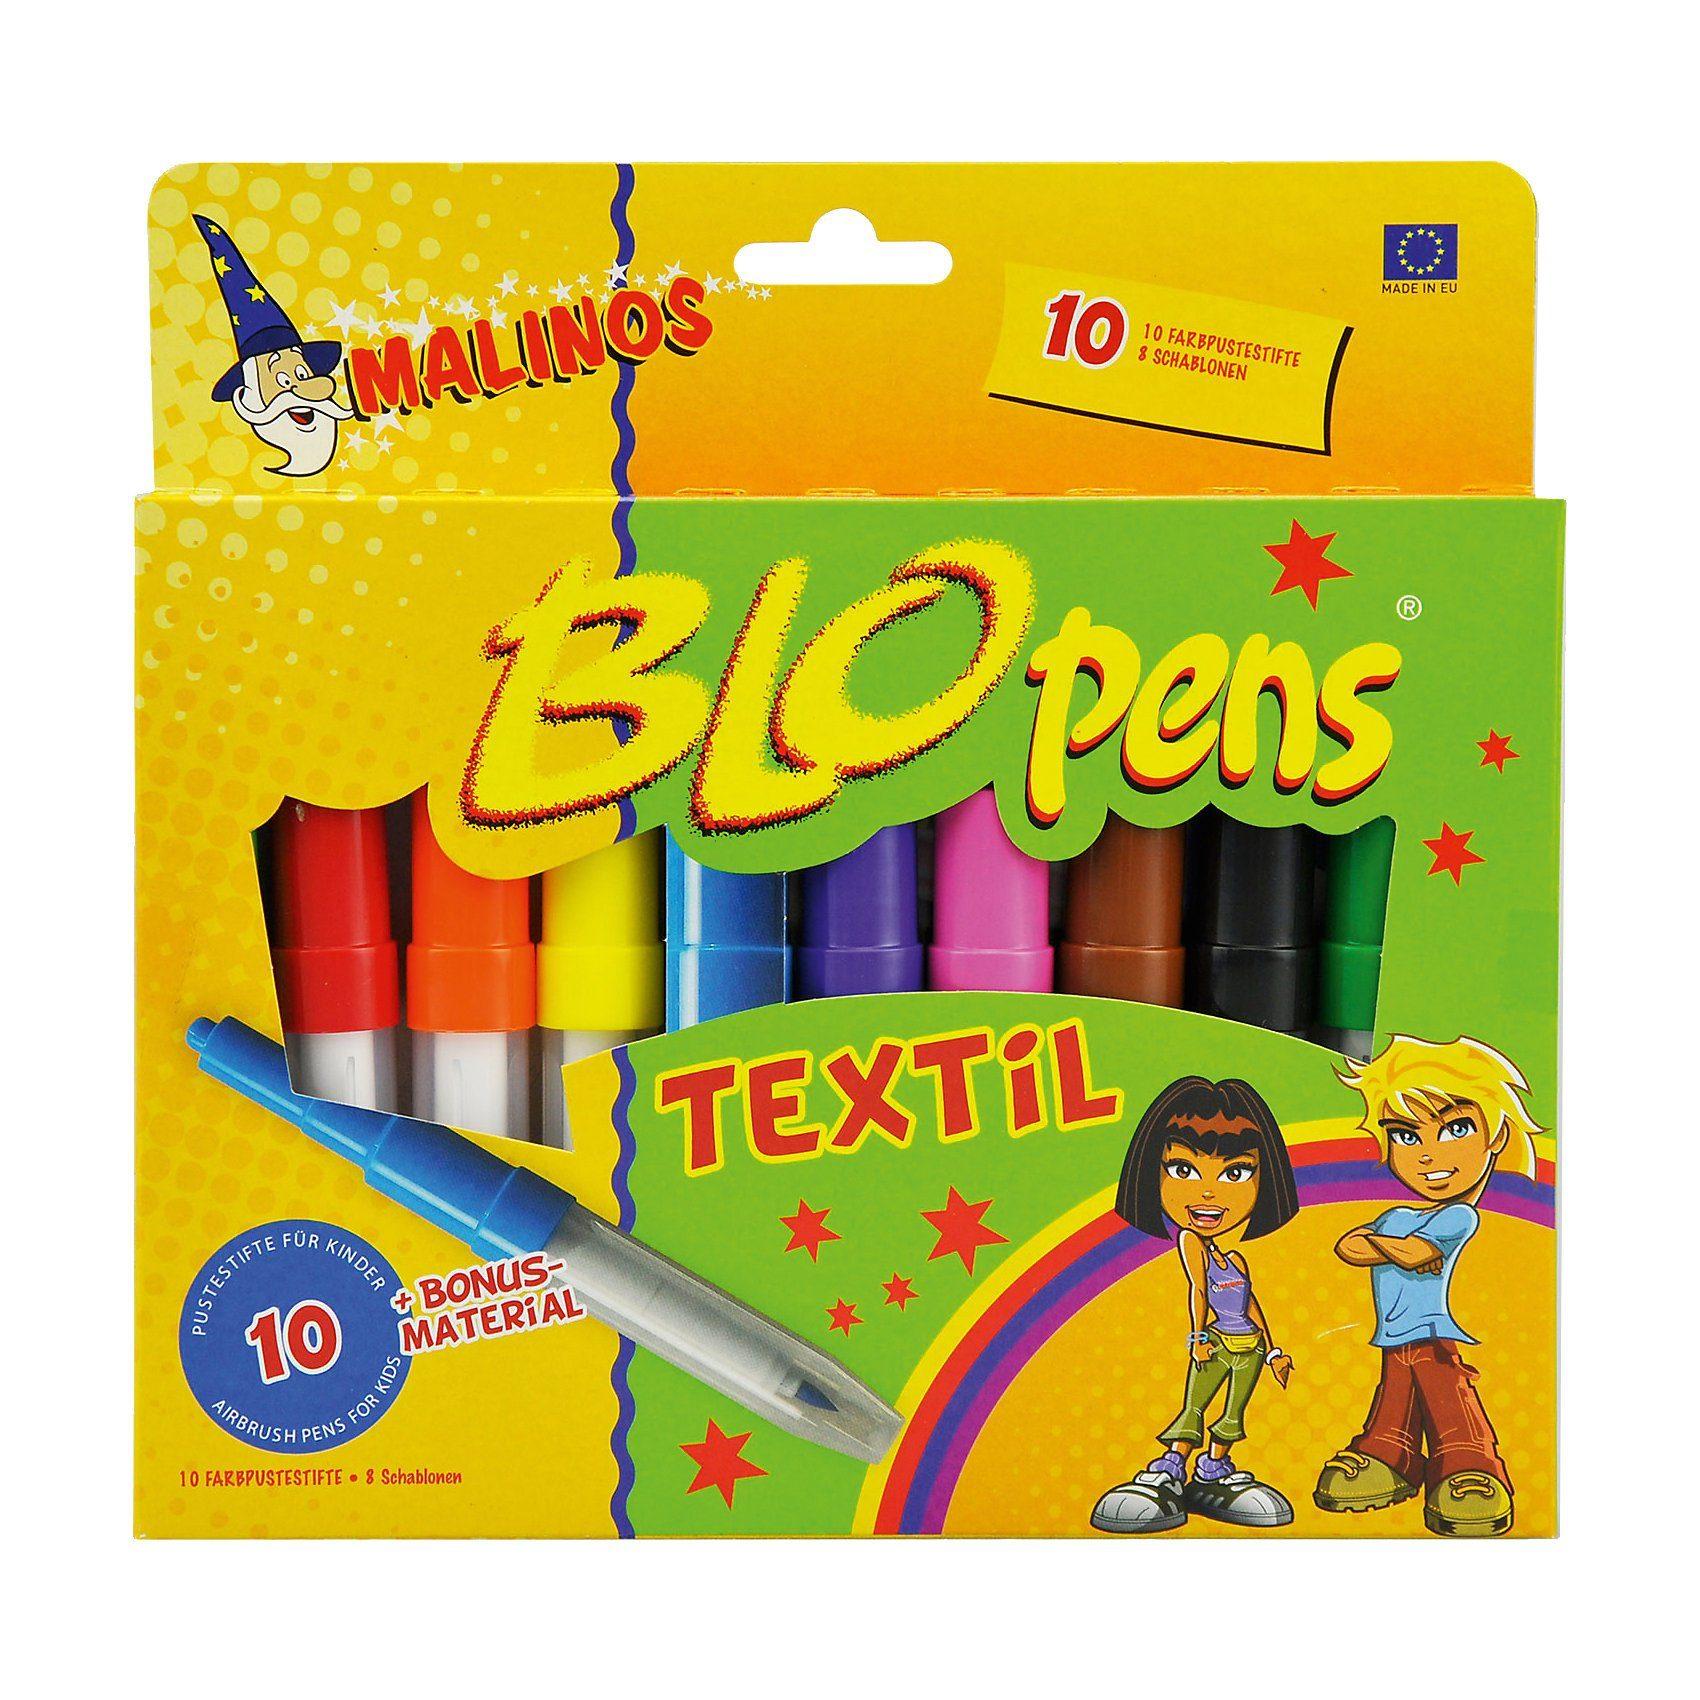 Amewi Malinos BloPens Textil, 10er